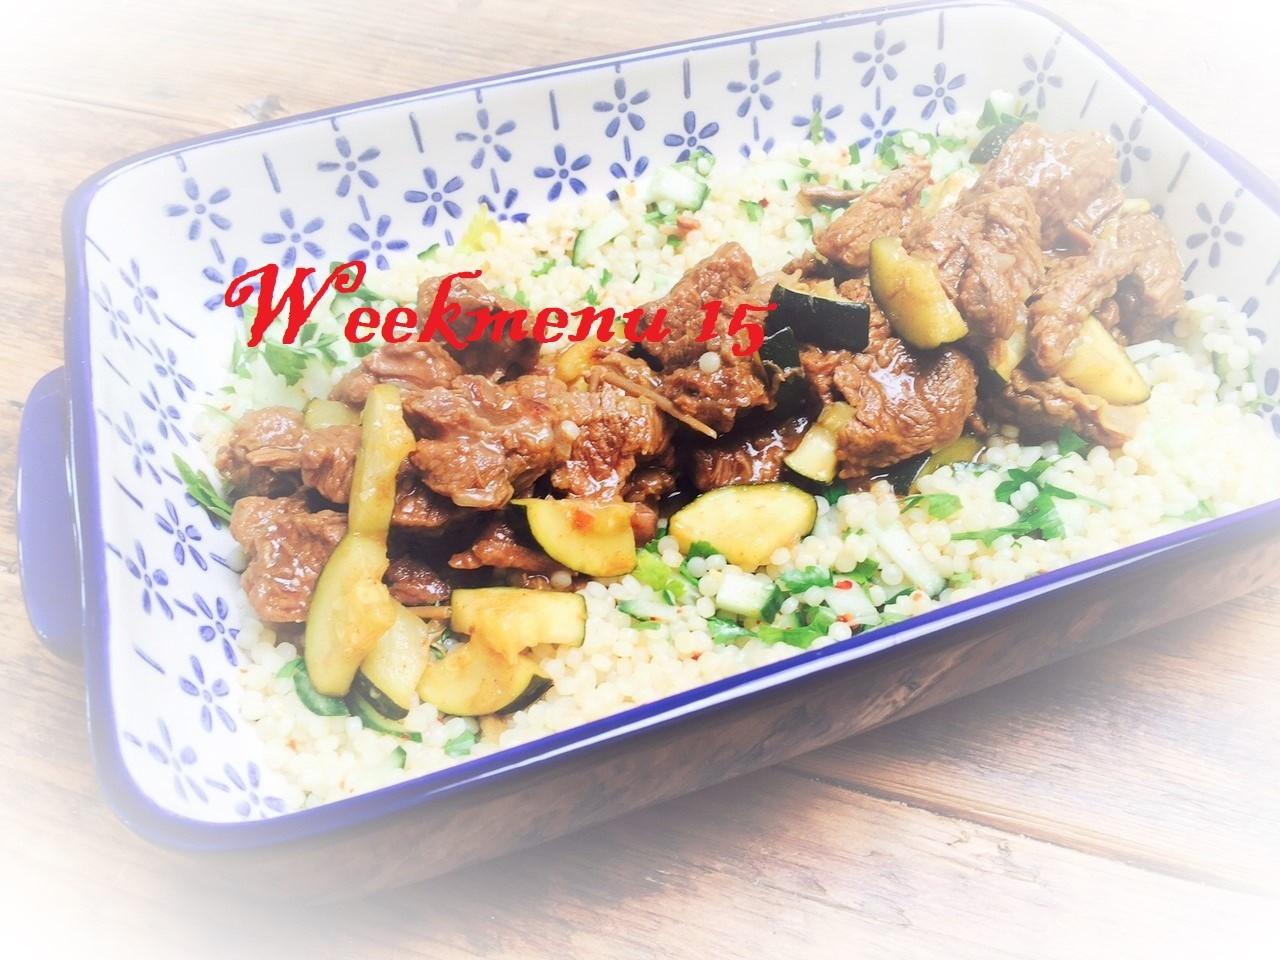 Gevarieerd en makkelijk weekmenu Foodblog Foodinista